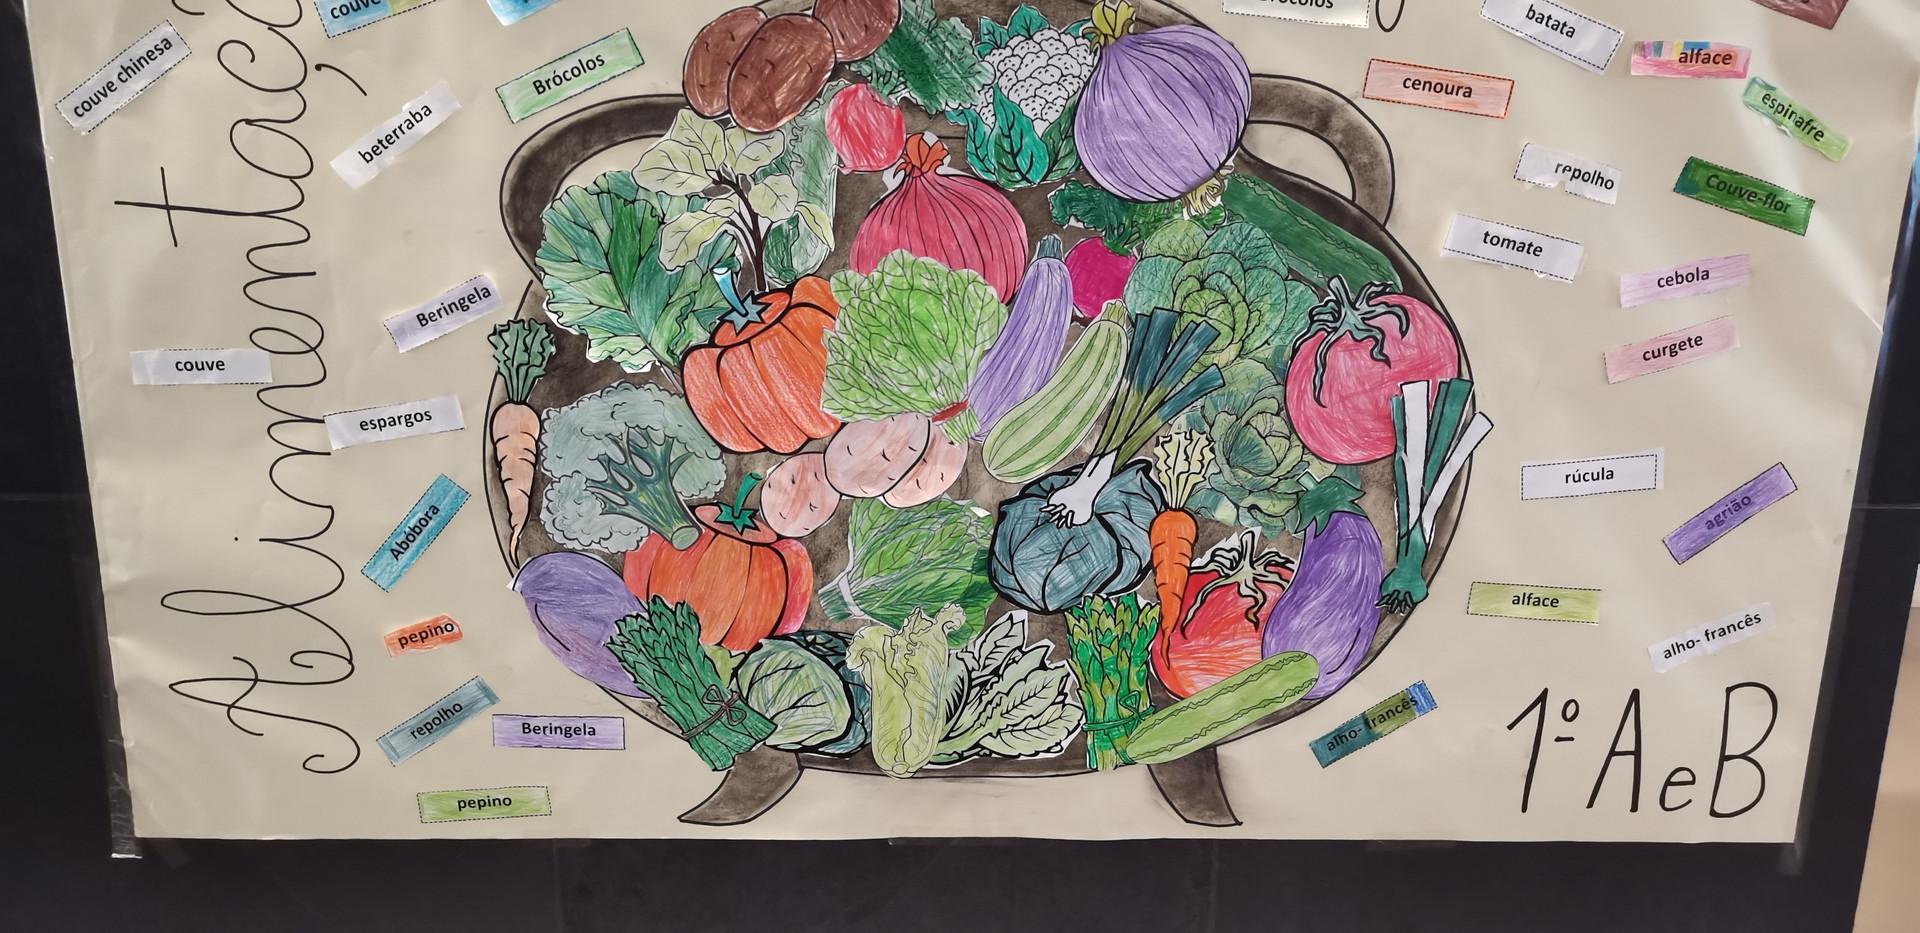 ISopa de legumes.jpg